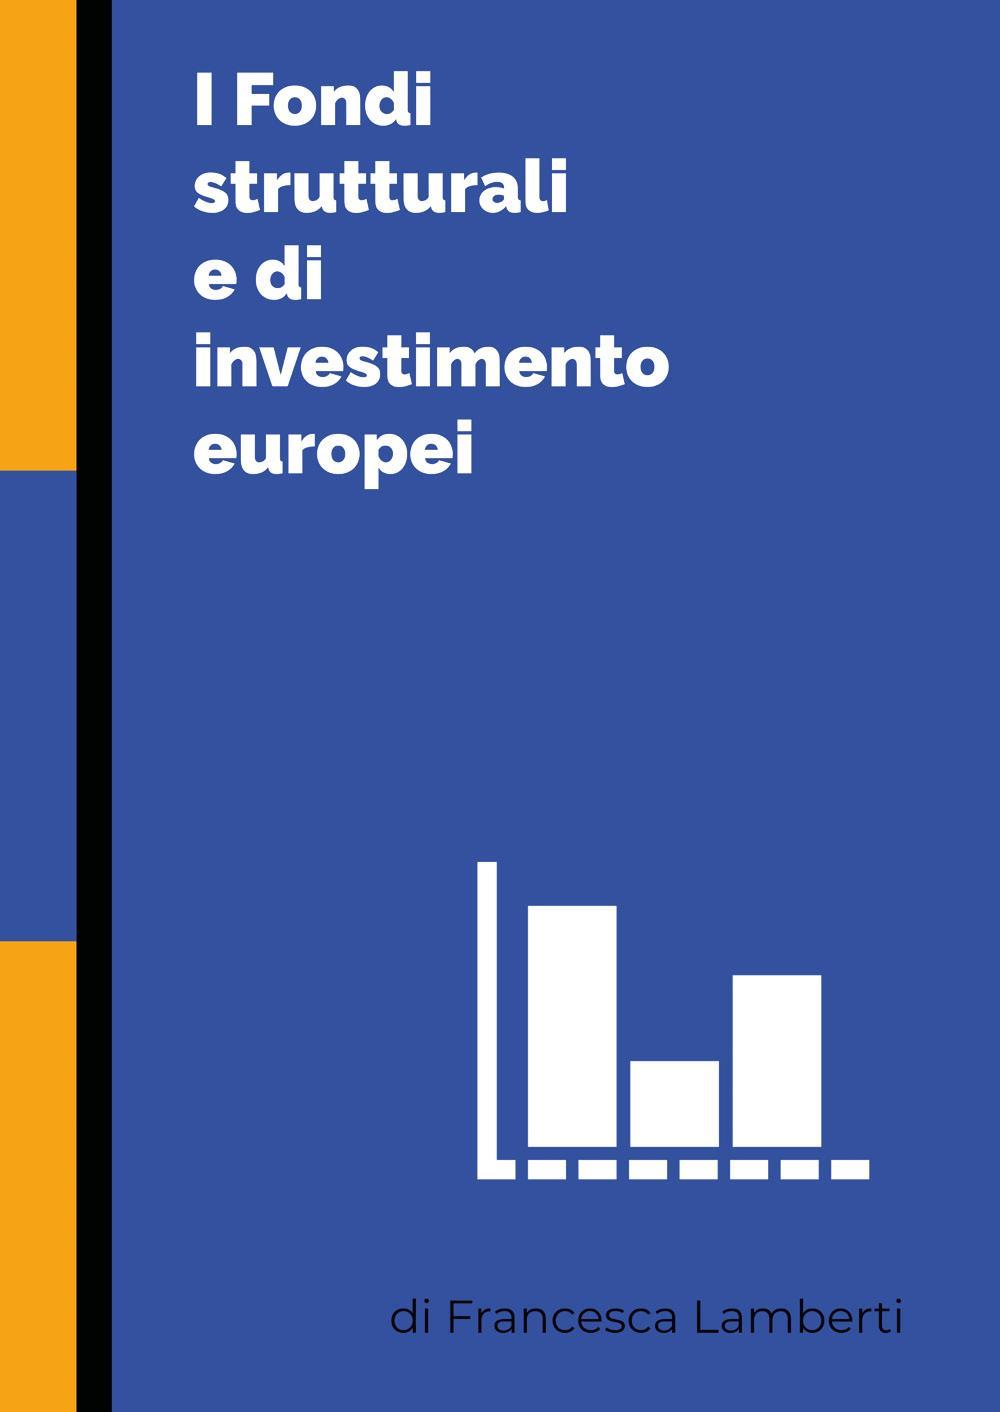 I Fondi strutturali e di investimento europei